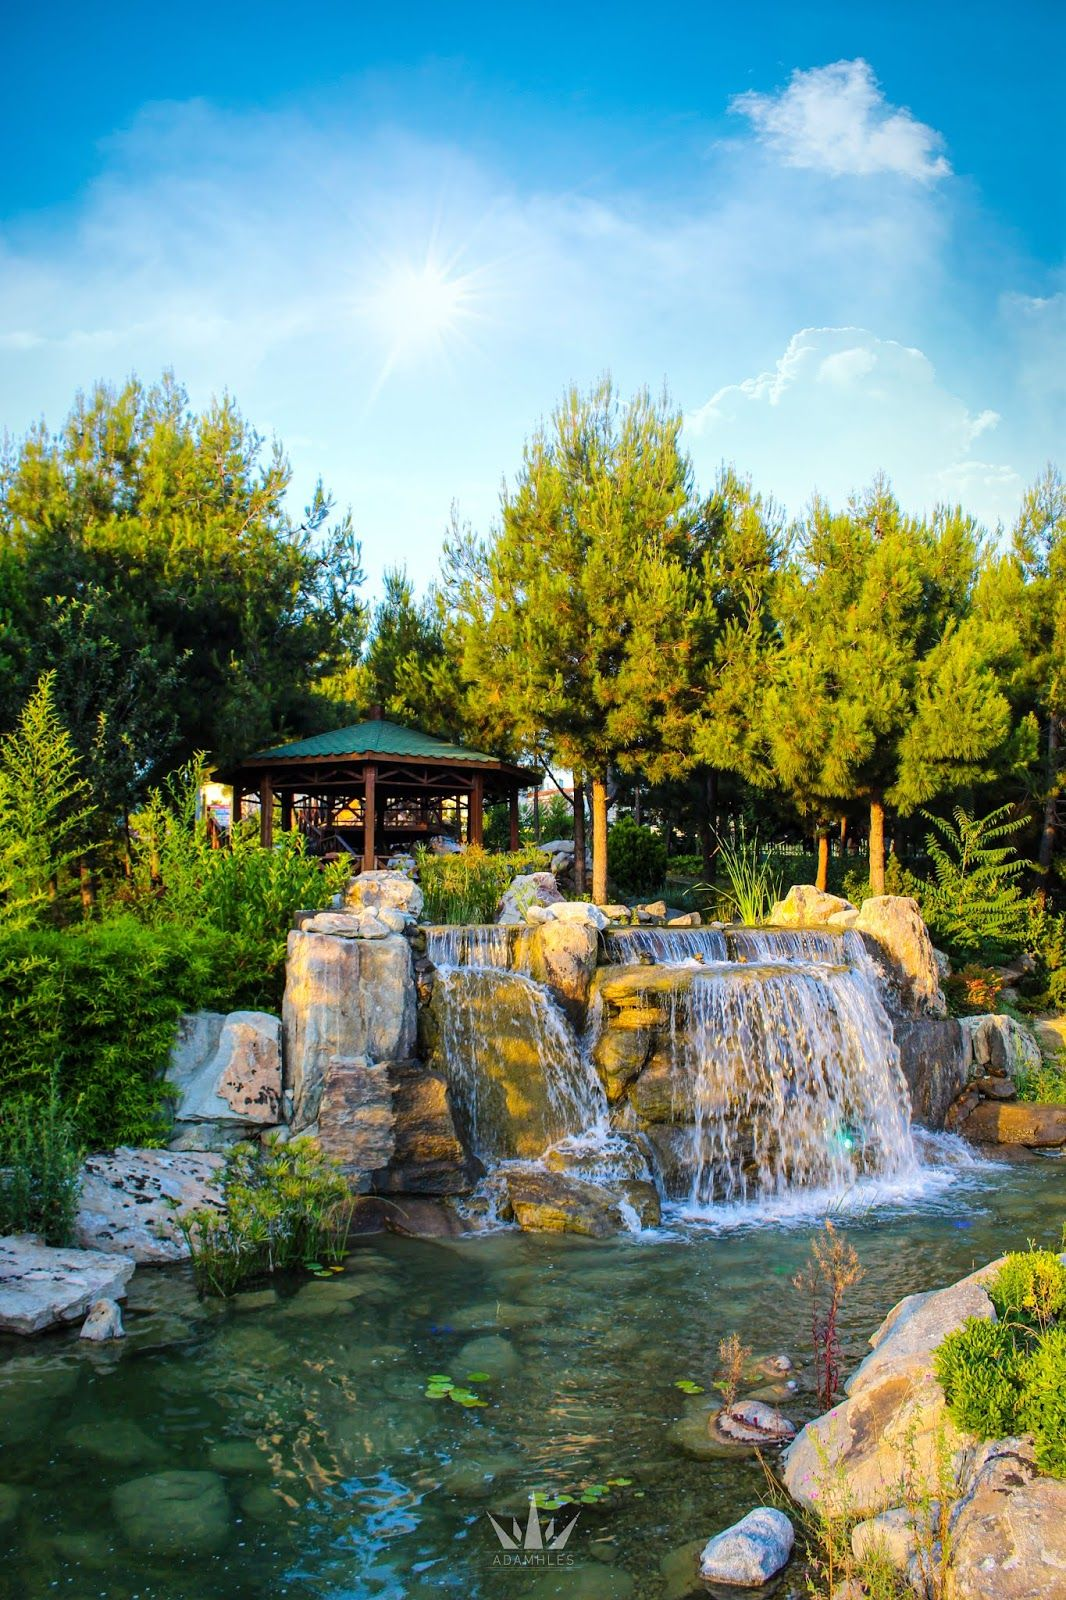 صورة من اعماق الطبيعة في اسطنبول تركيا Nature Outdoor House Styles